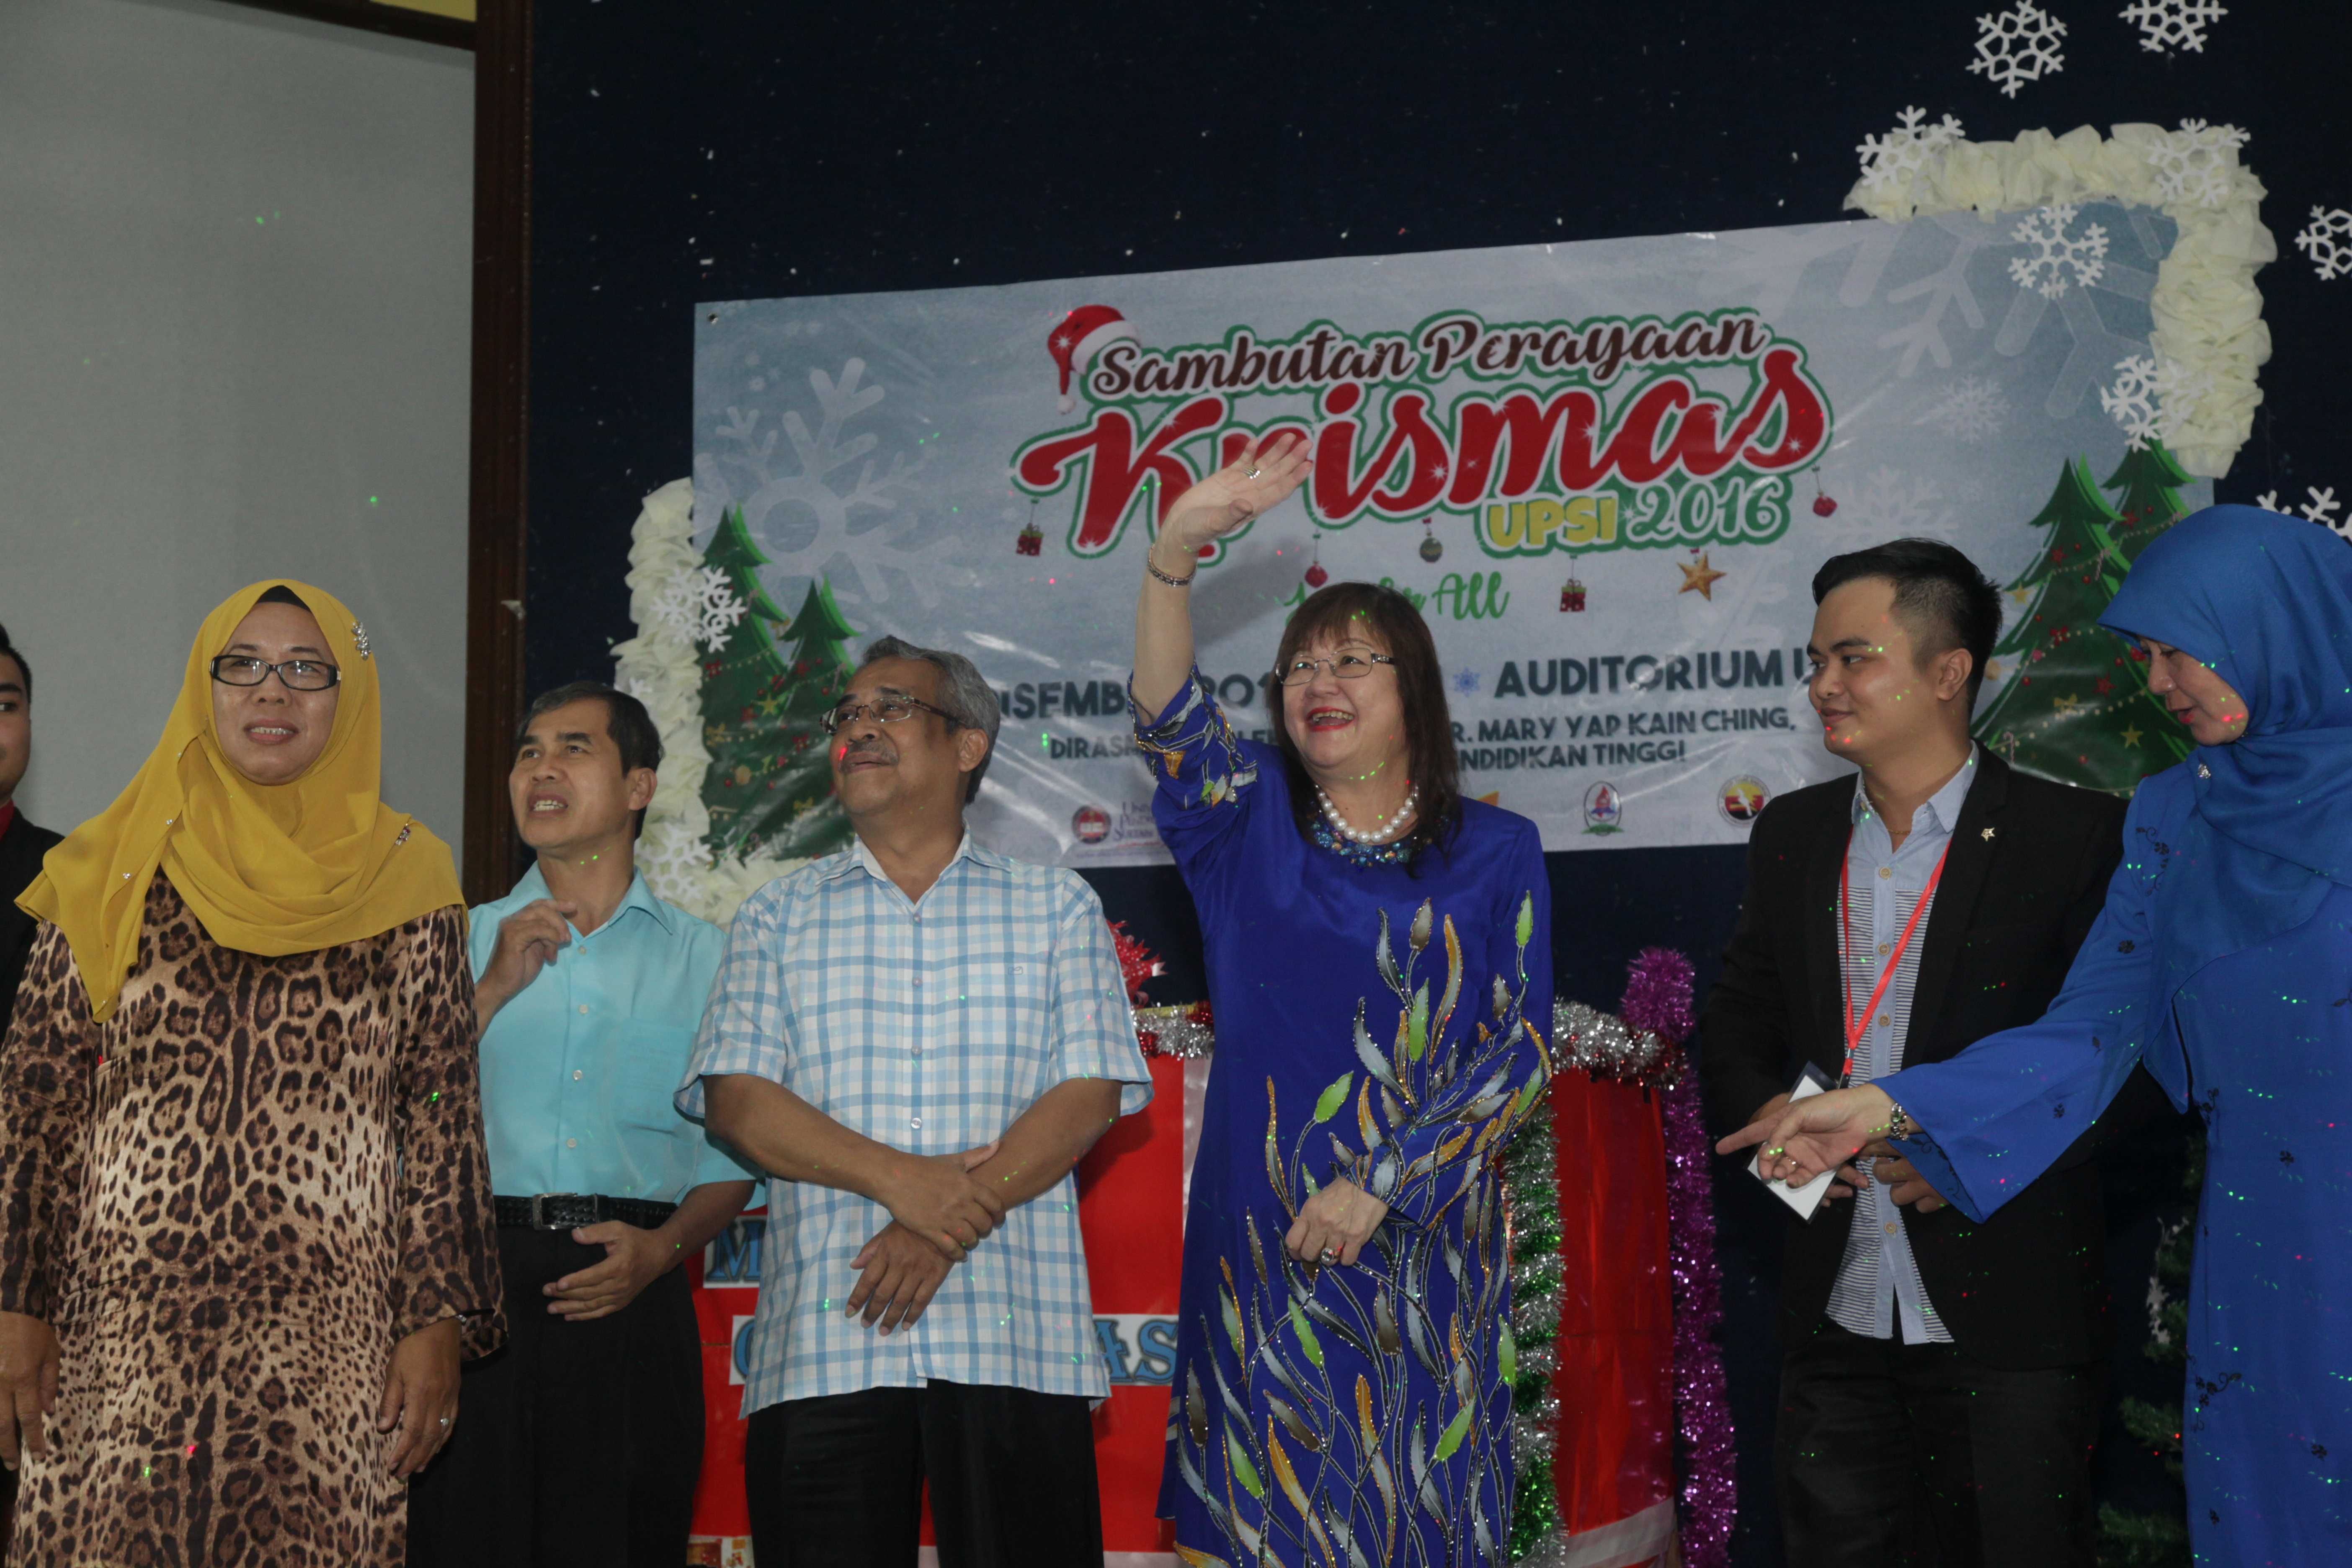 Sambutan Perayaan Krismas Peringkat IPT Kukuhkan Semangat Perpaduan